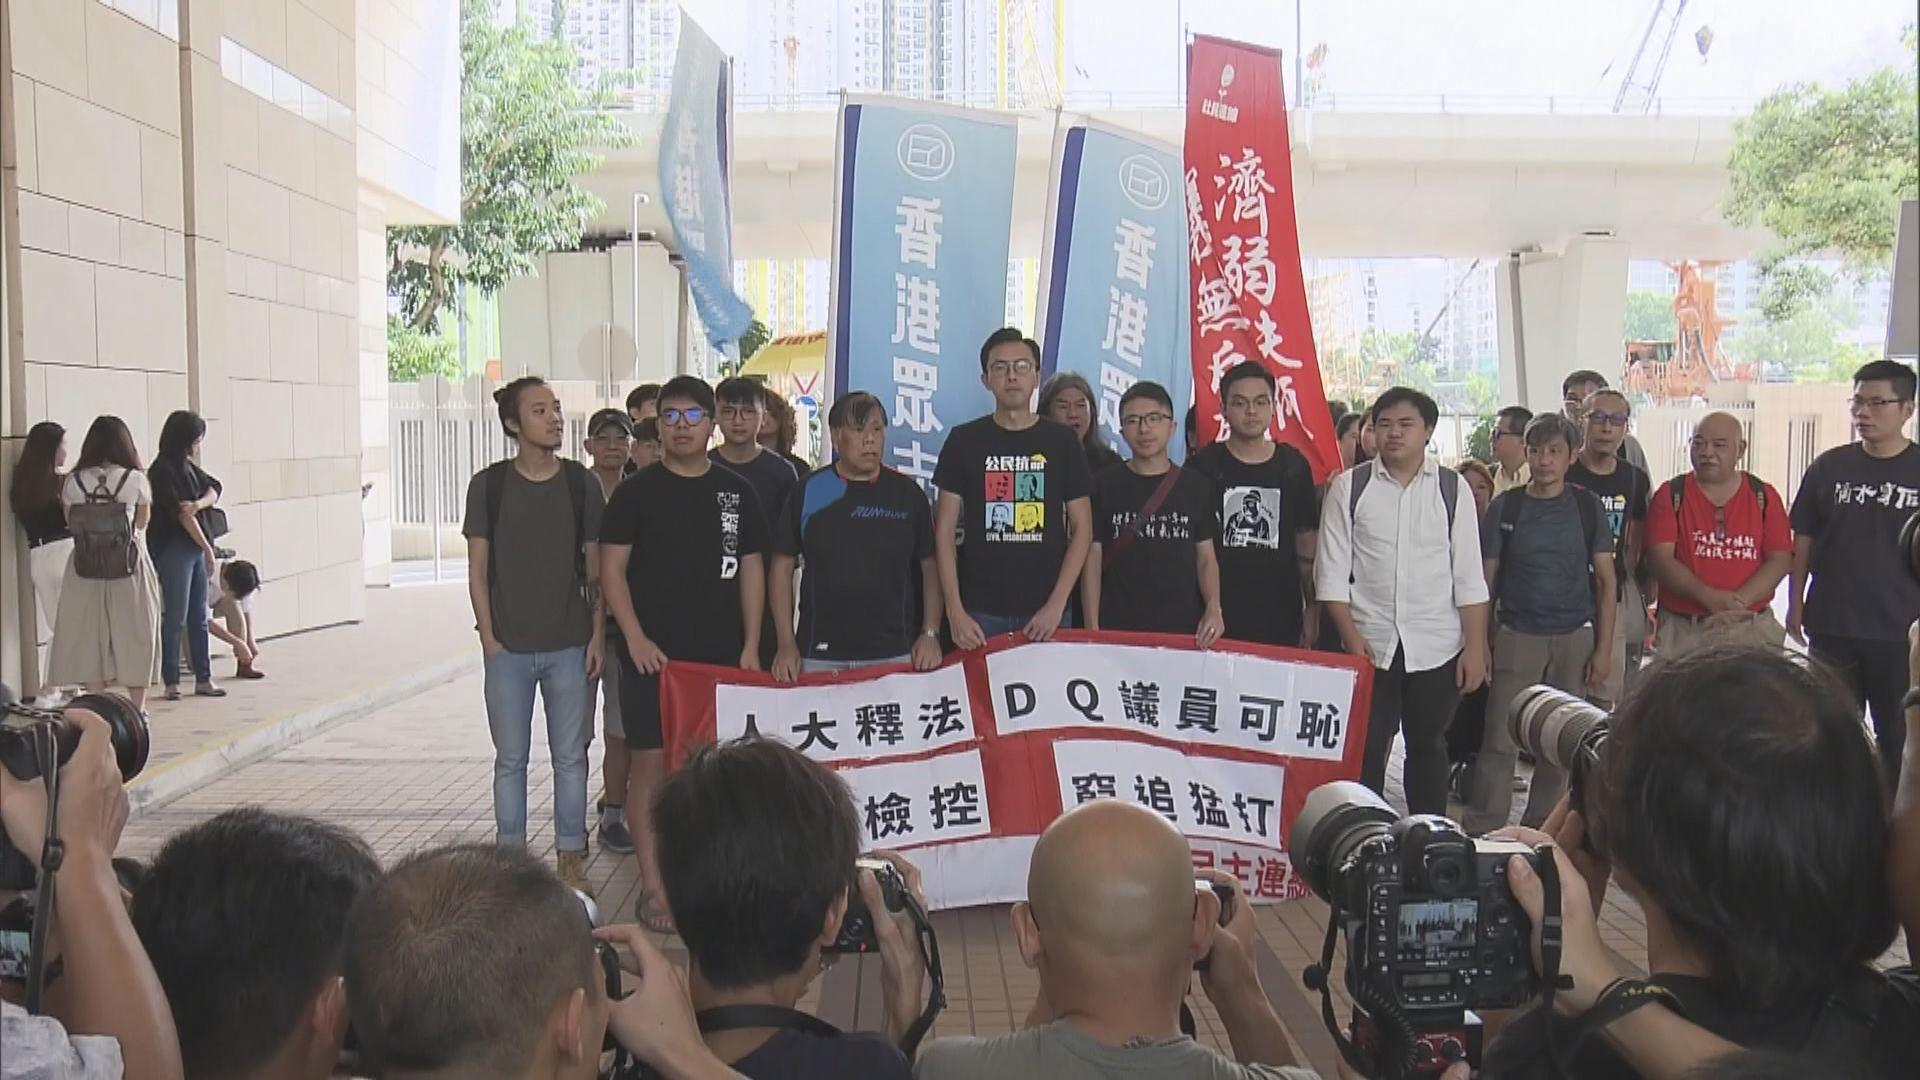 反釋法遊行吳文遠煽惑非法集結獲判緩刑